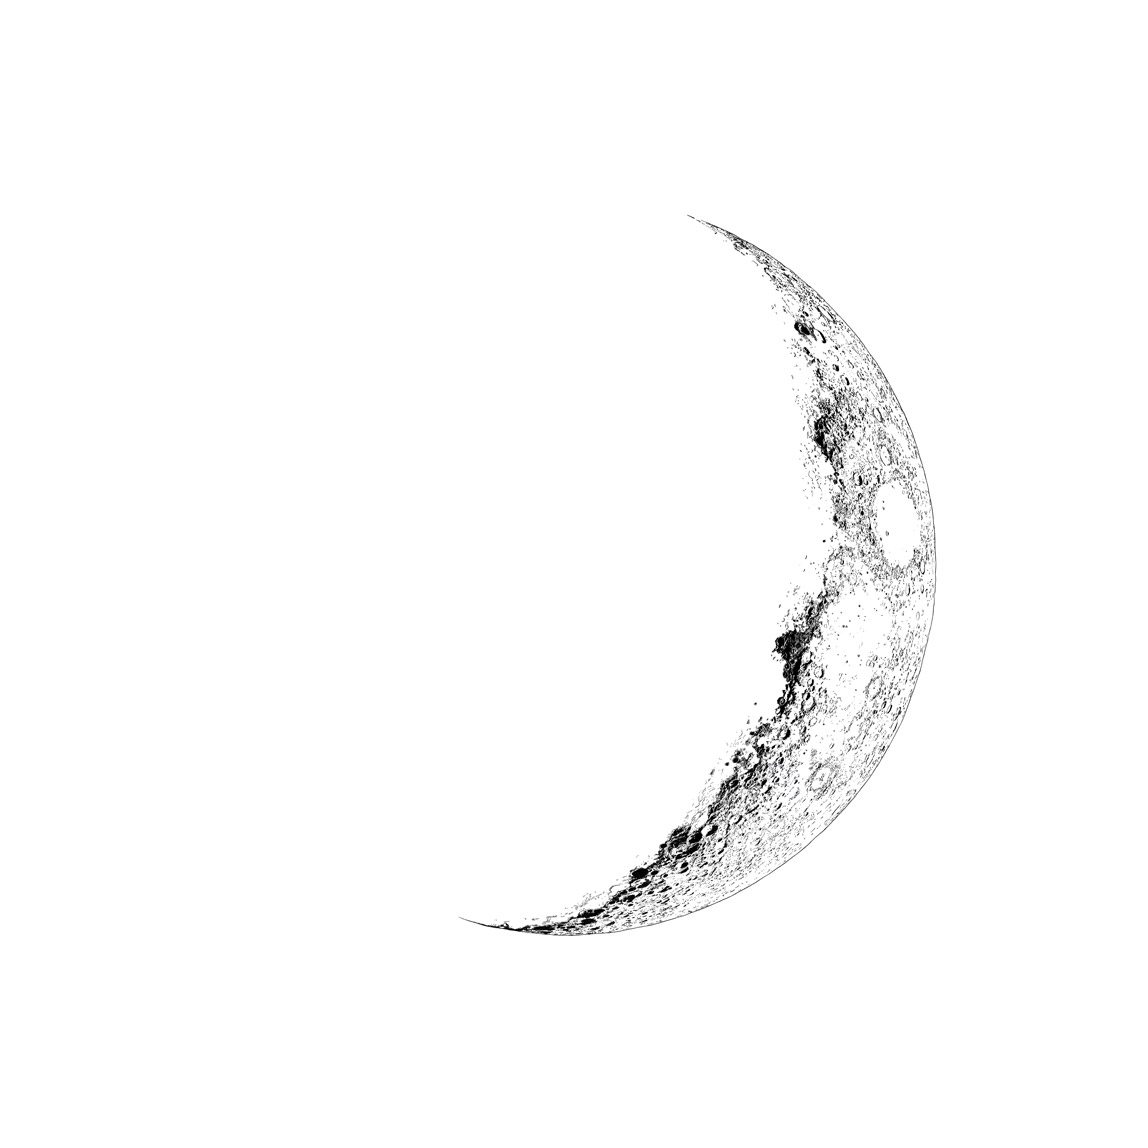 1148x1148 Crescent Moon Drawing Crescent Moon Bc Art